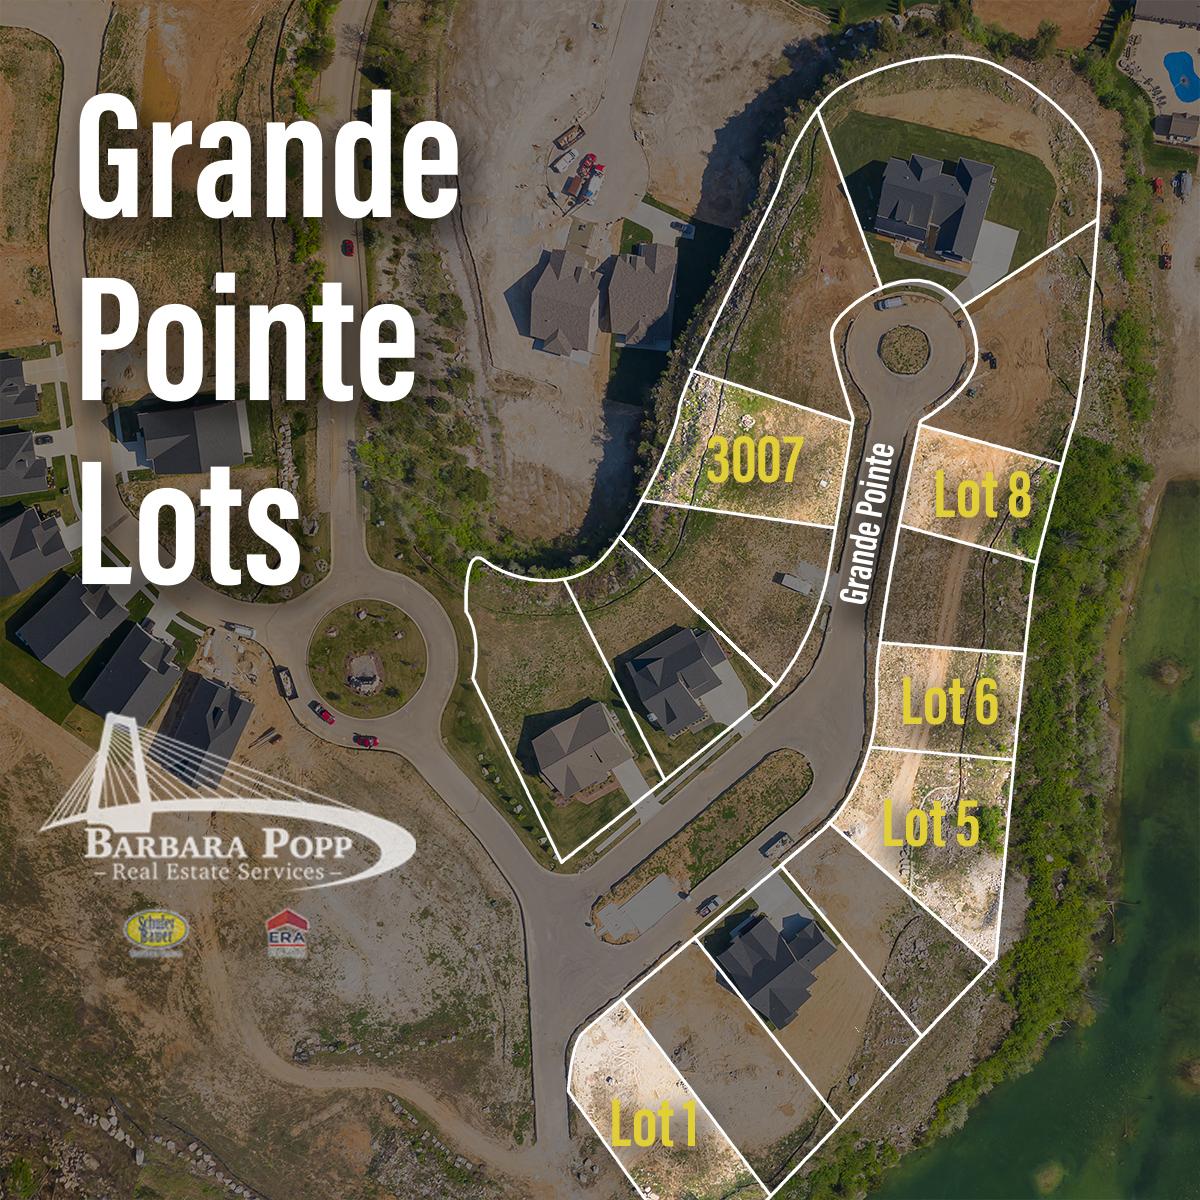 Grande Pointe Lots